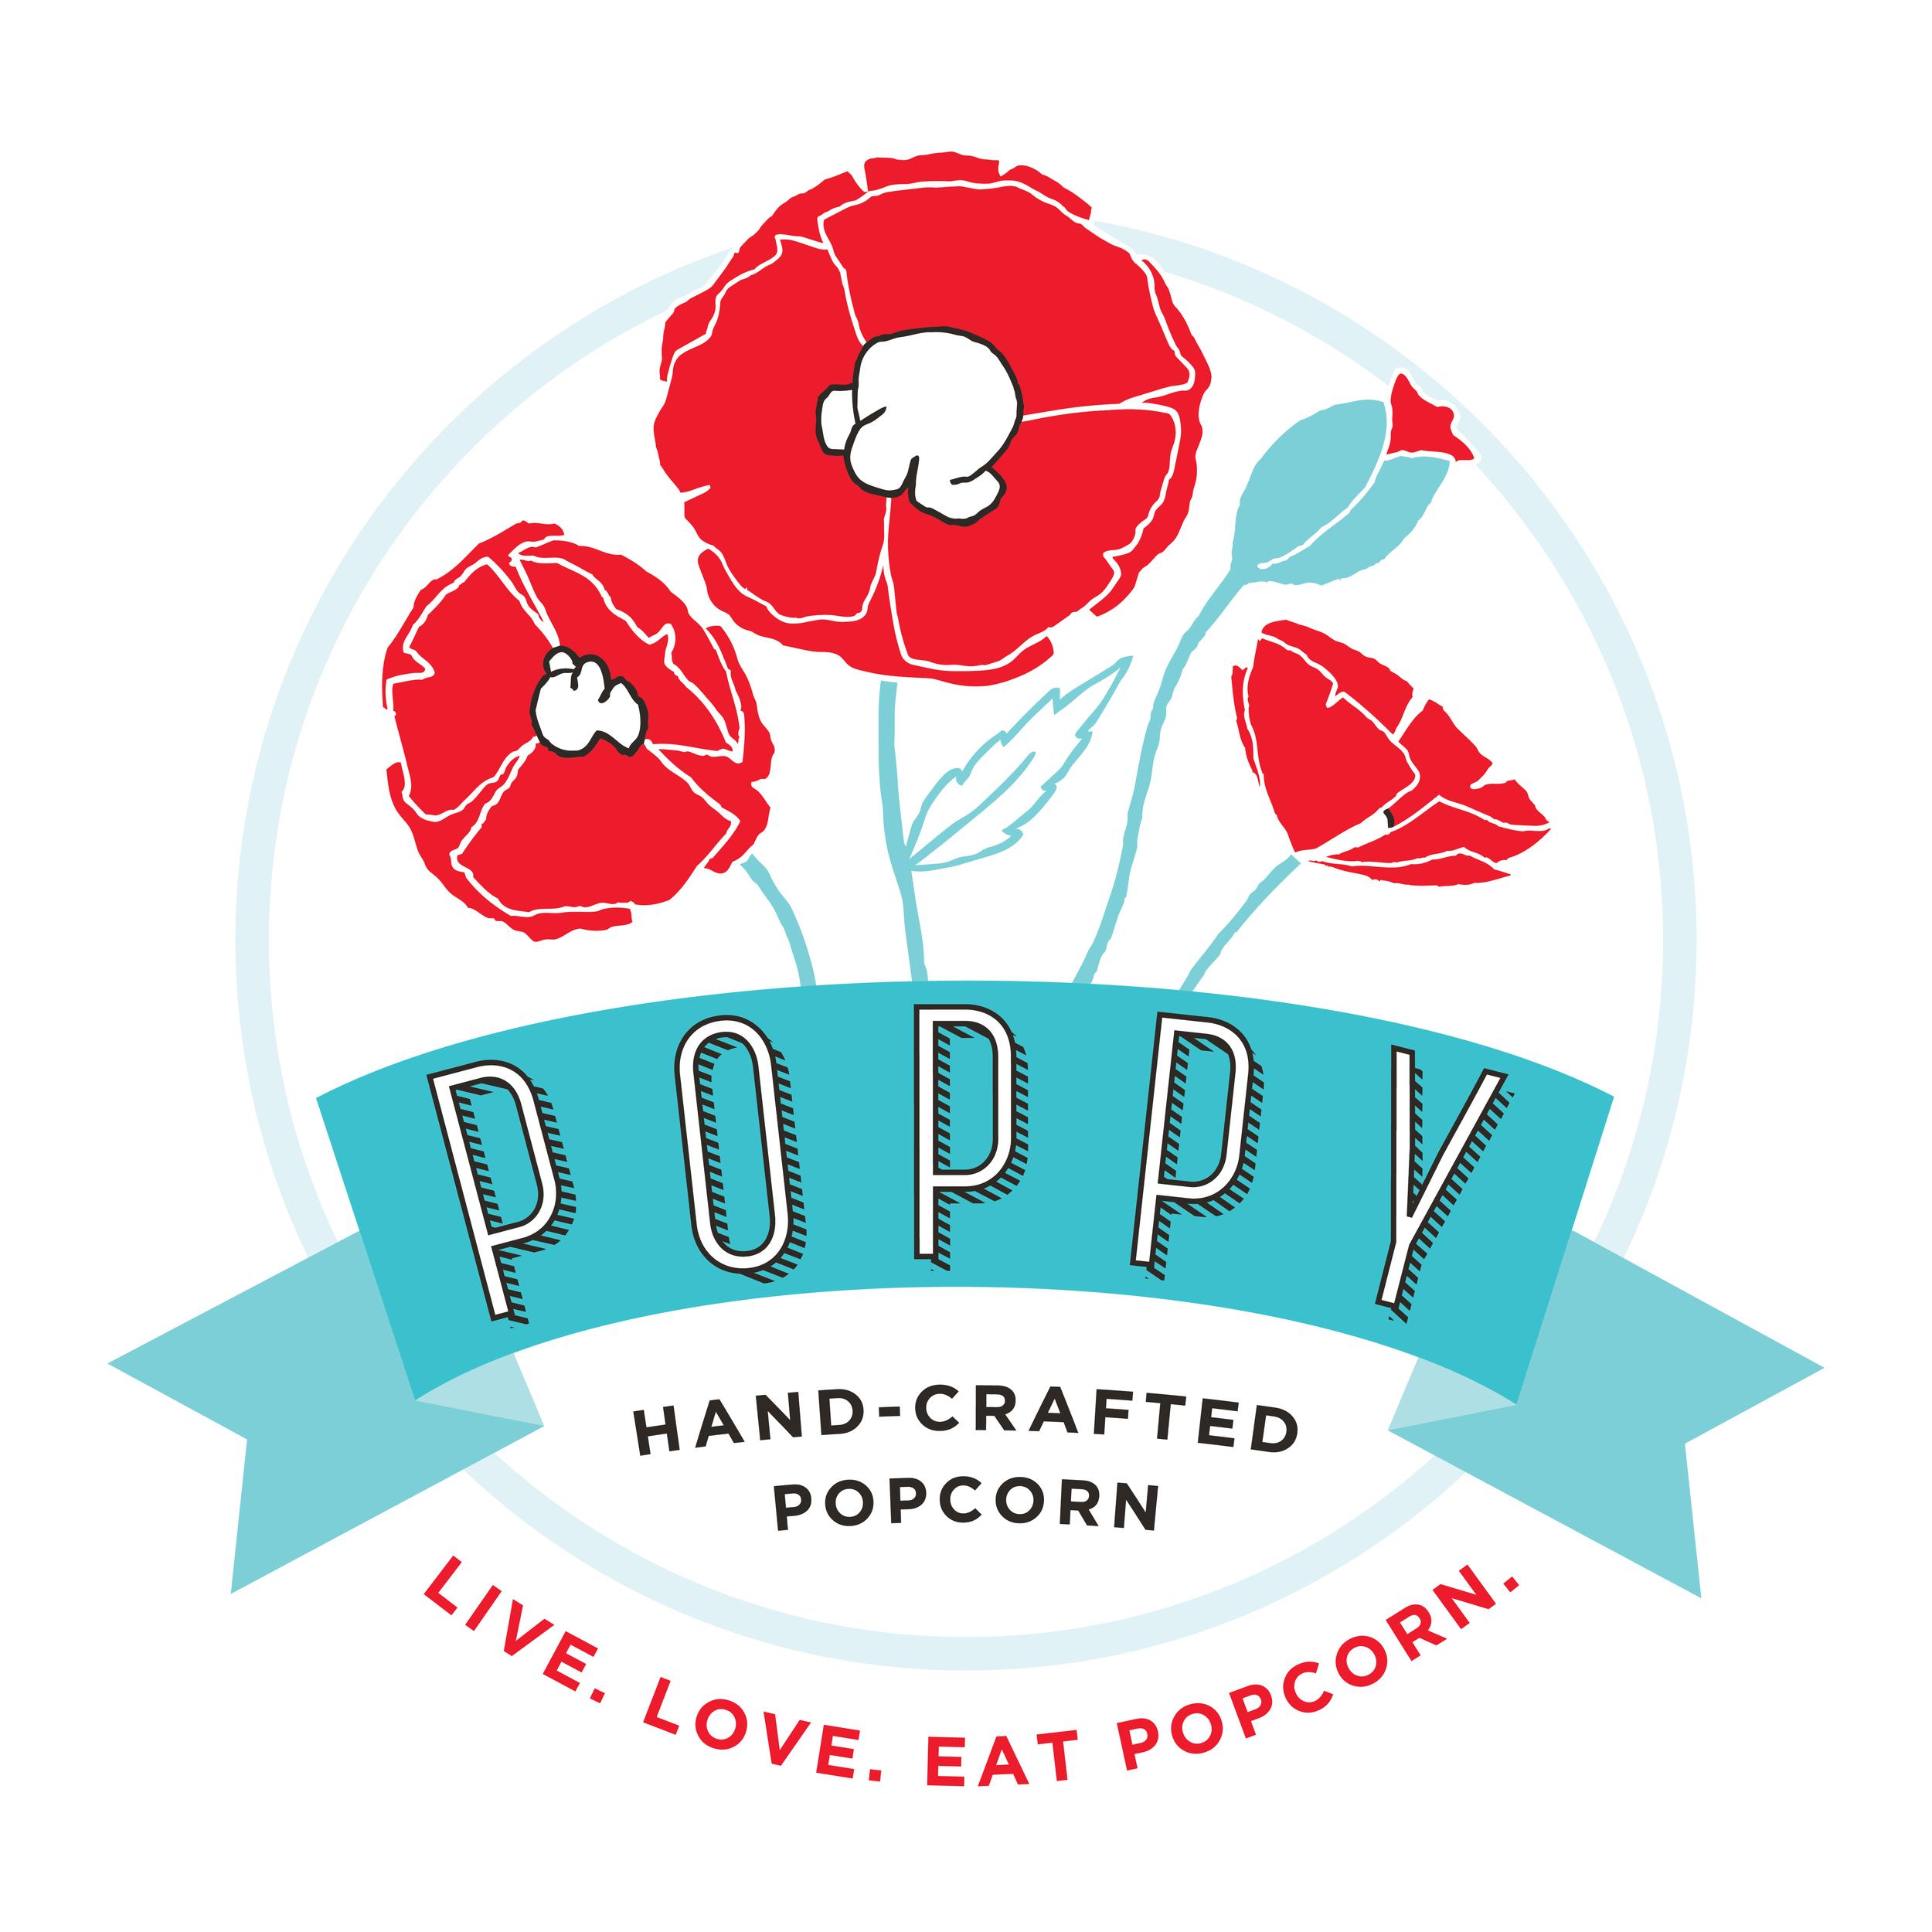 Poppy Handcrafted Popcorn Logo